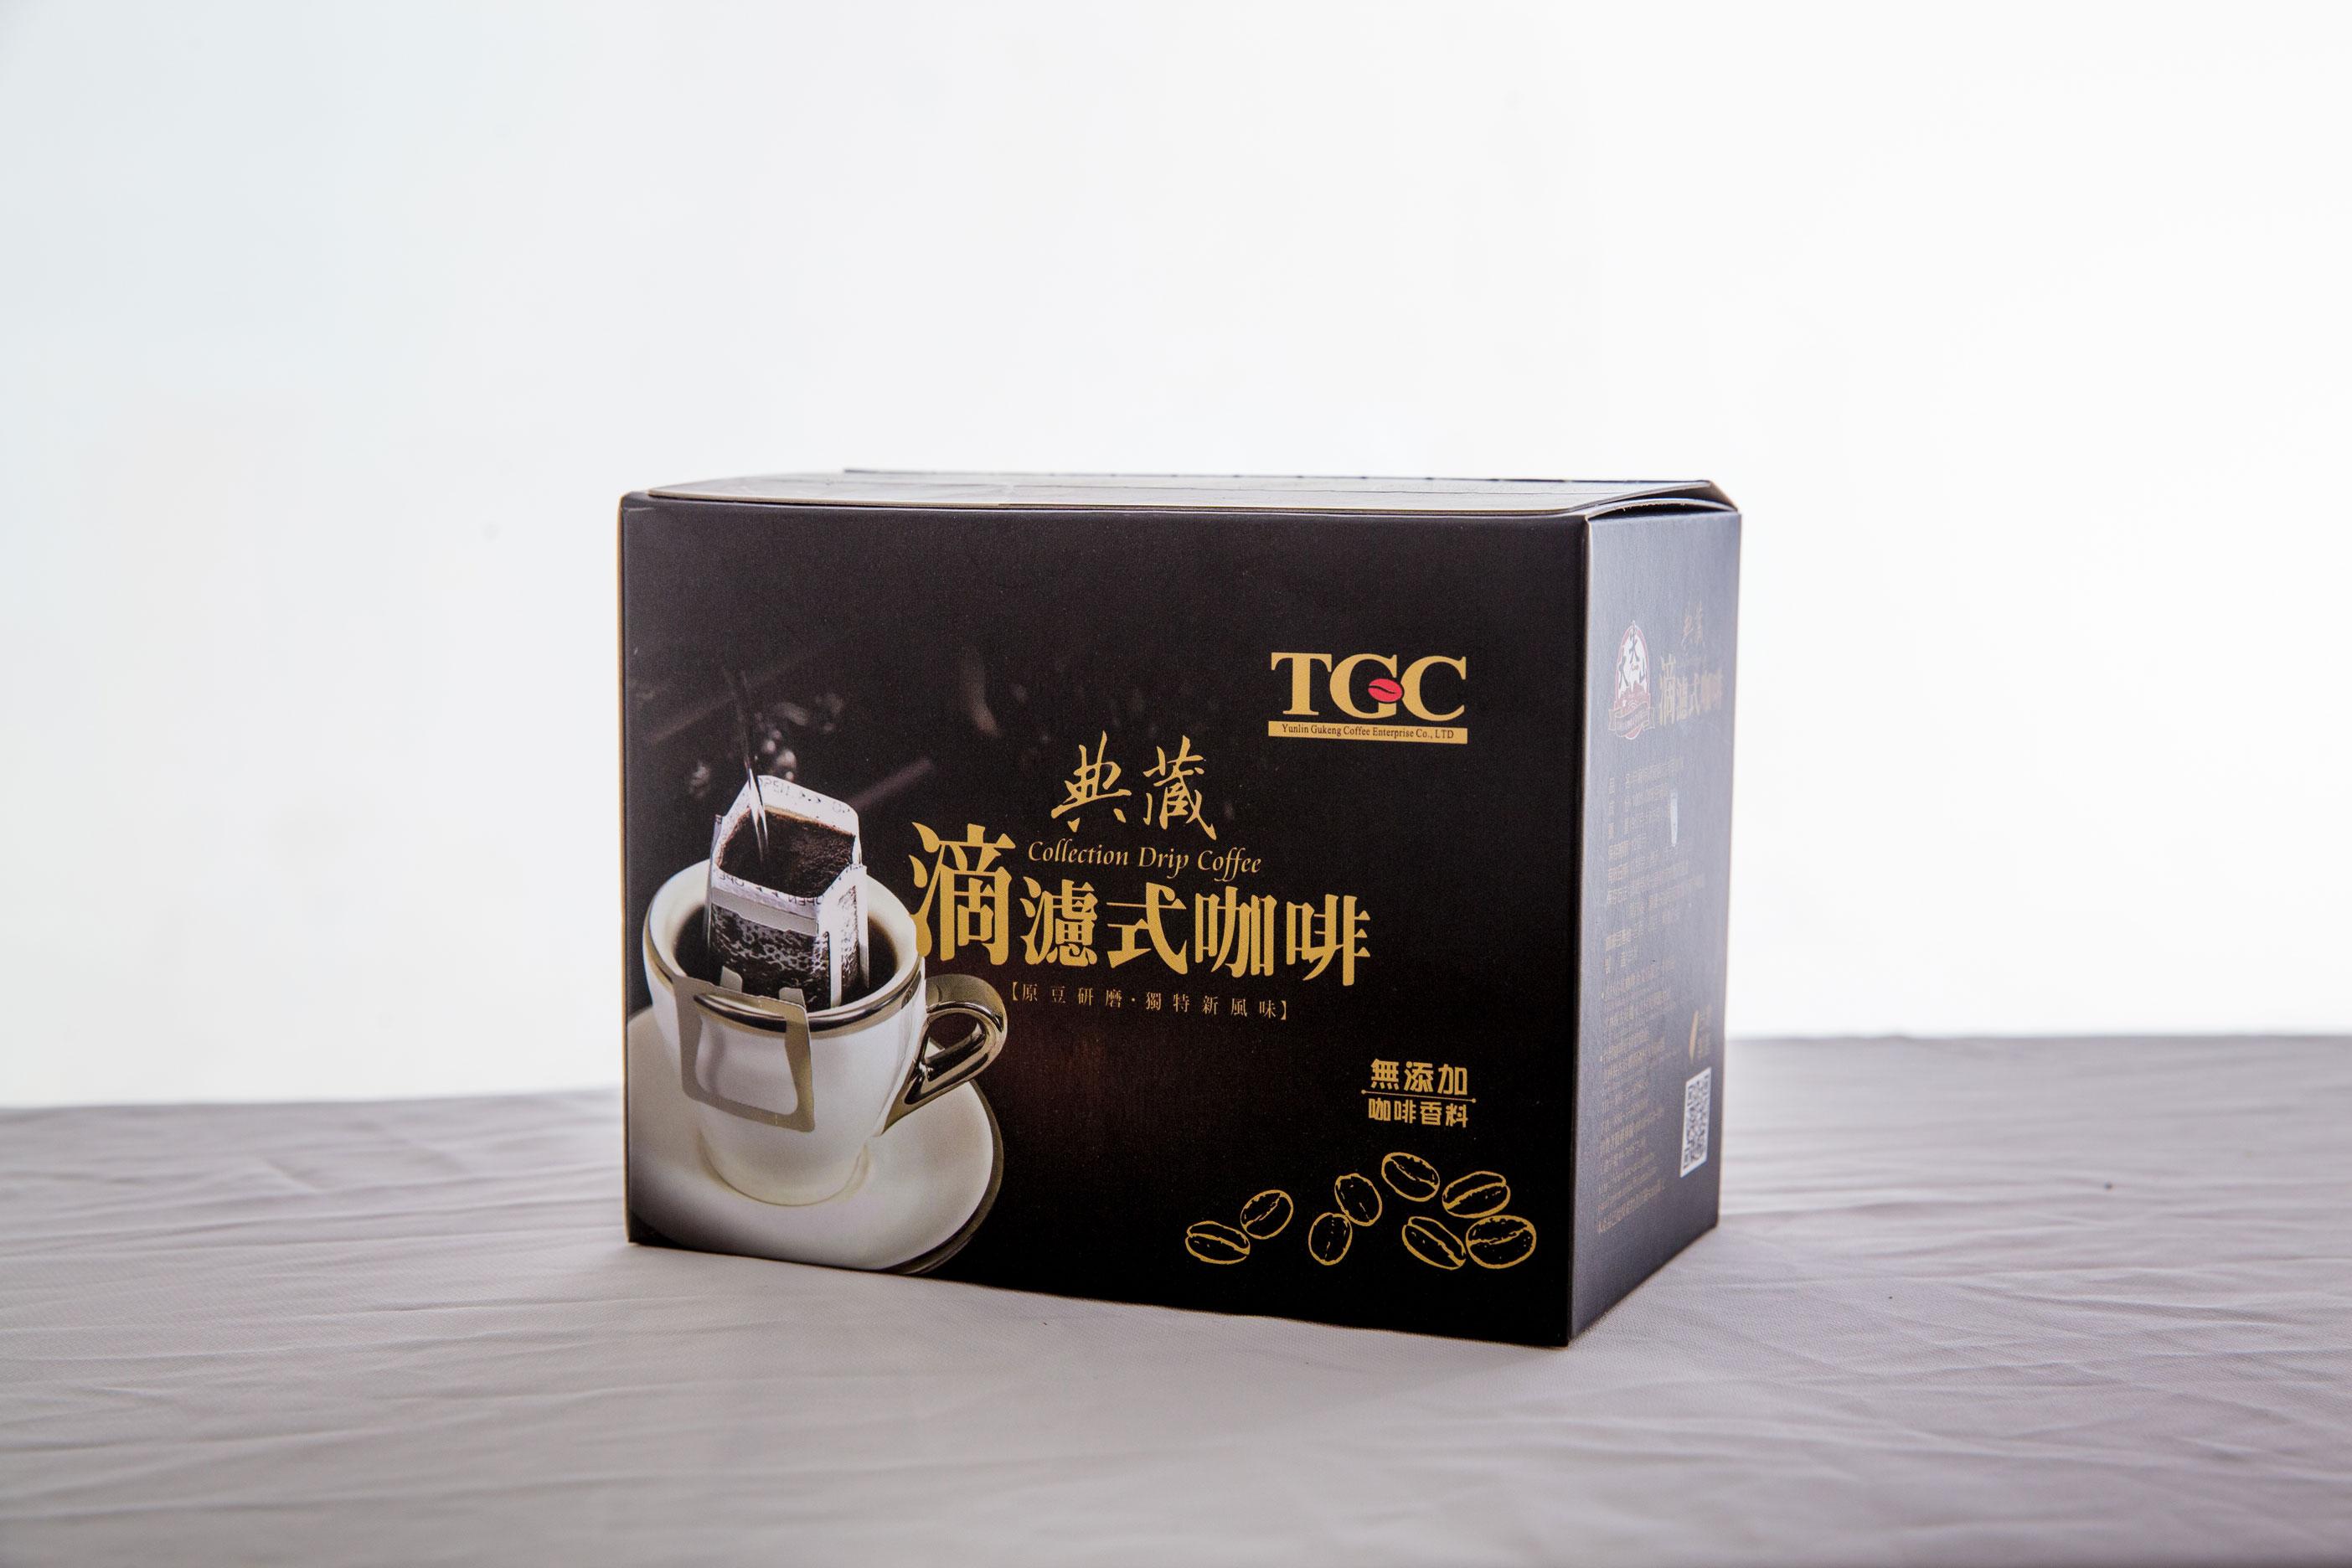 [古坑咖啡~TGC]典藏-綜合特調滴濾式咖啡6包